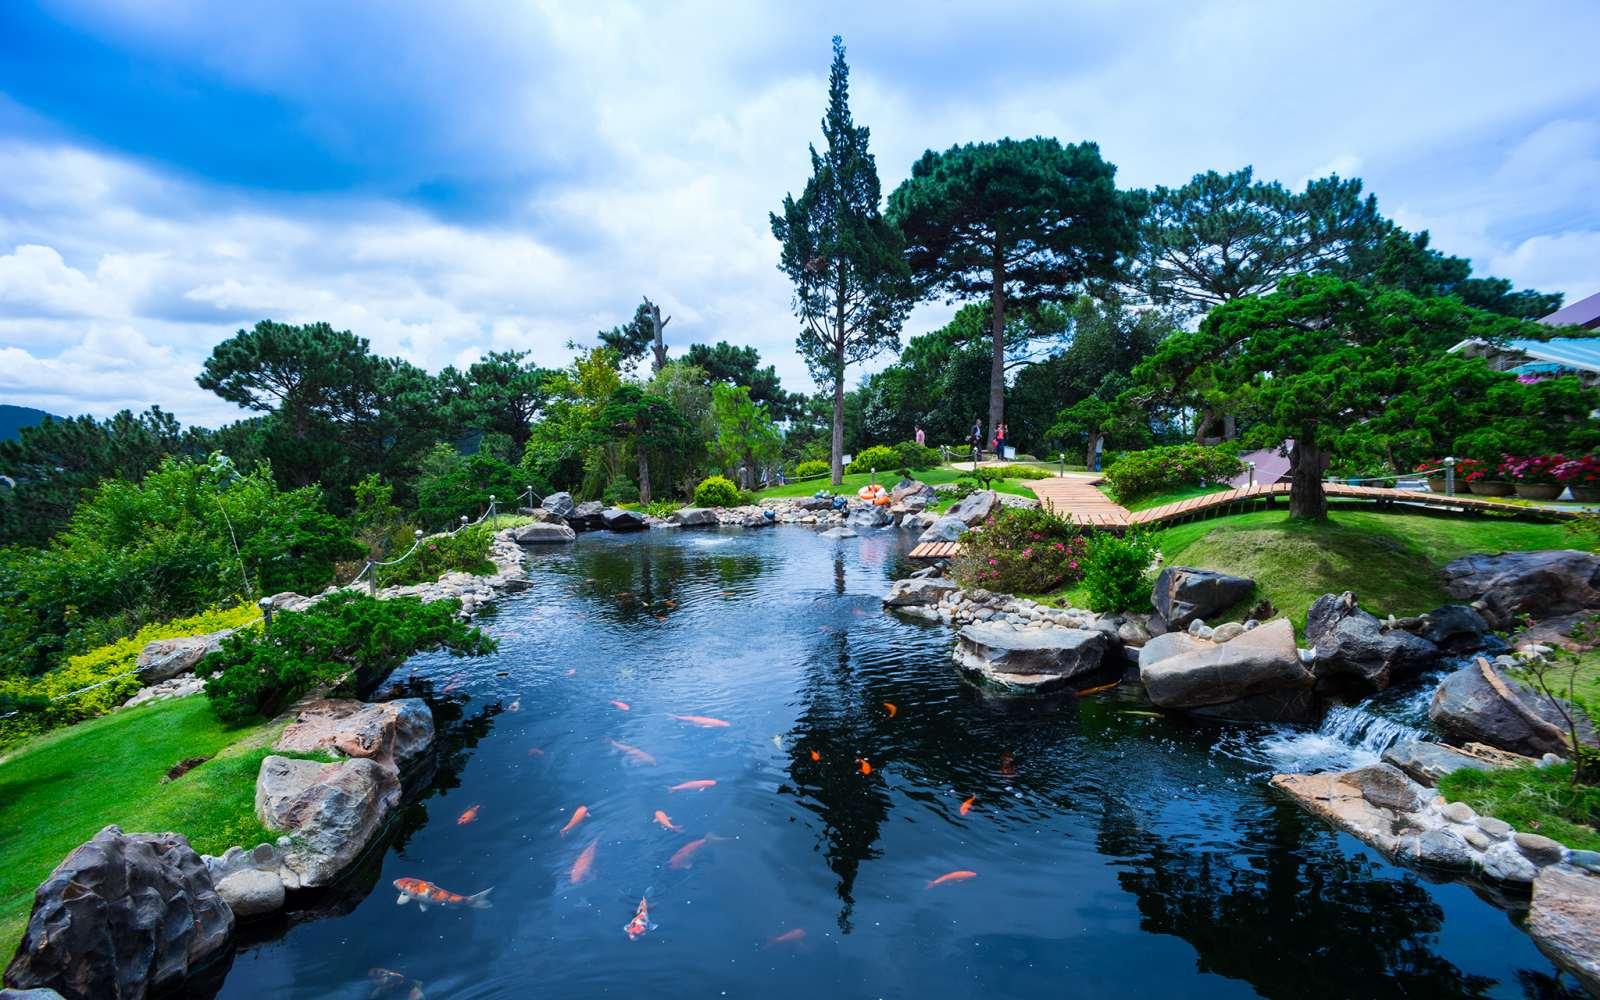 Tìm hiểu về hồ nuôi cá Koi